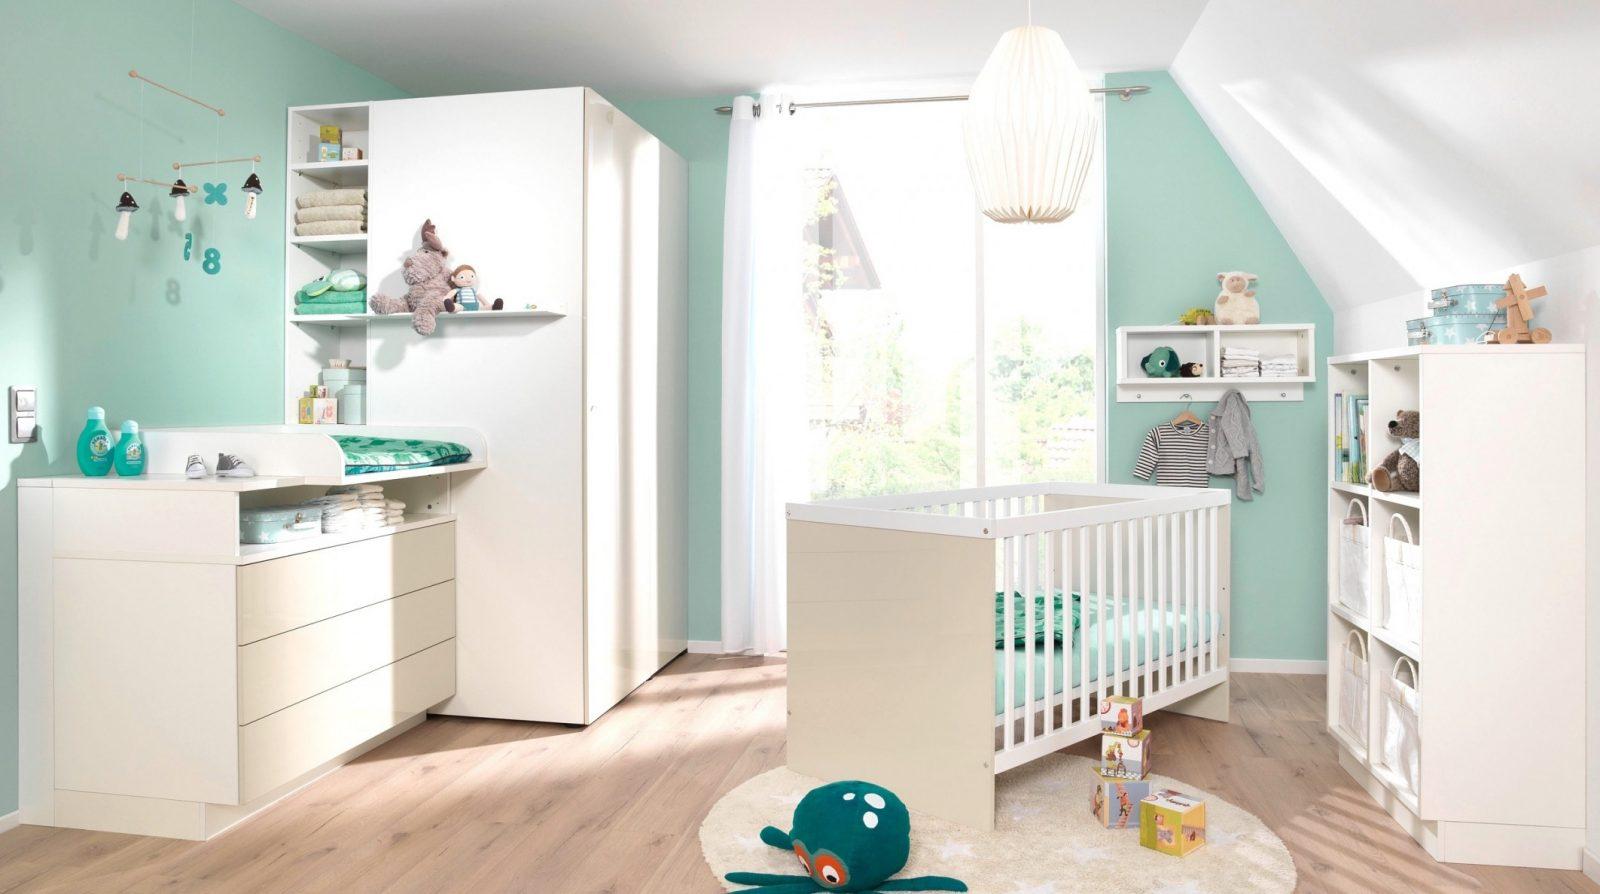 Moderne Luxus Babyzimmer  Httpstravelshq von Babyzimmer Deko Bilder Bild